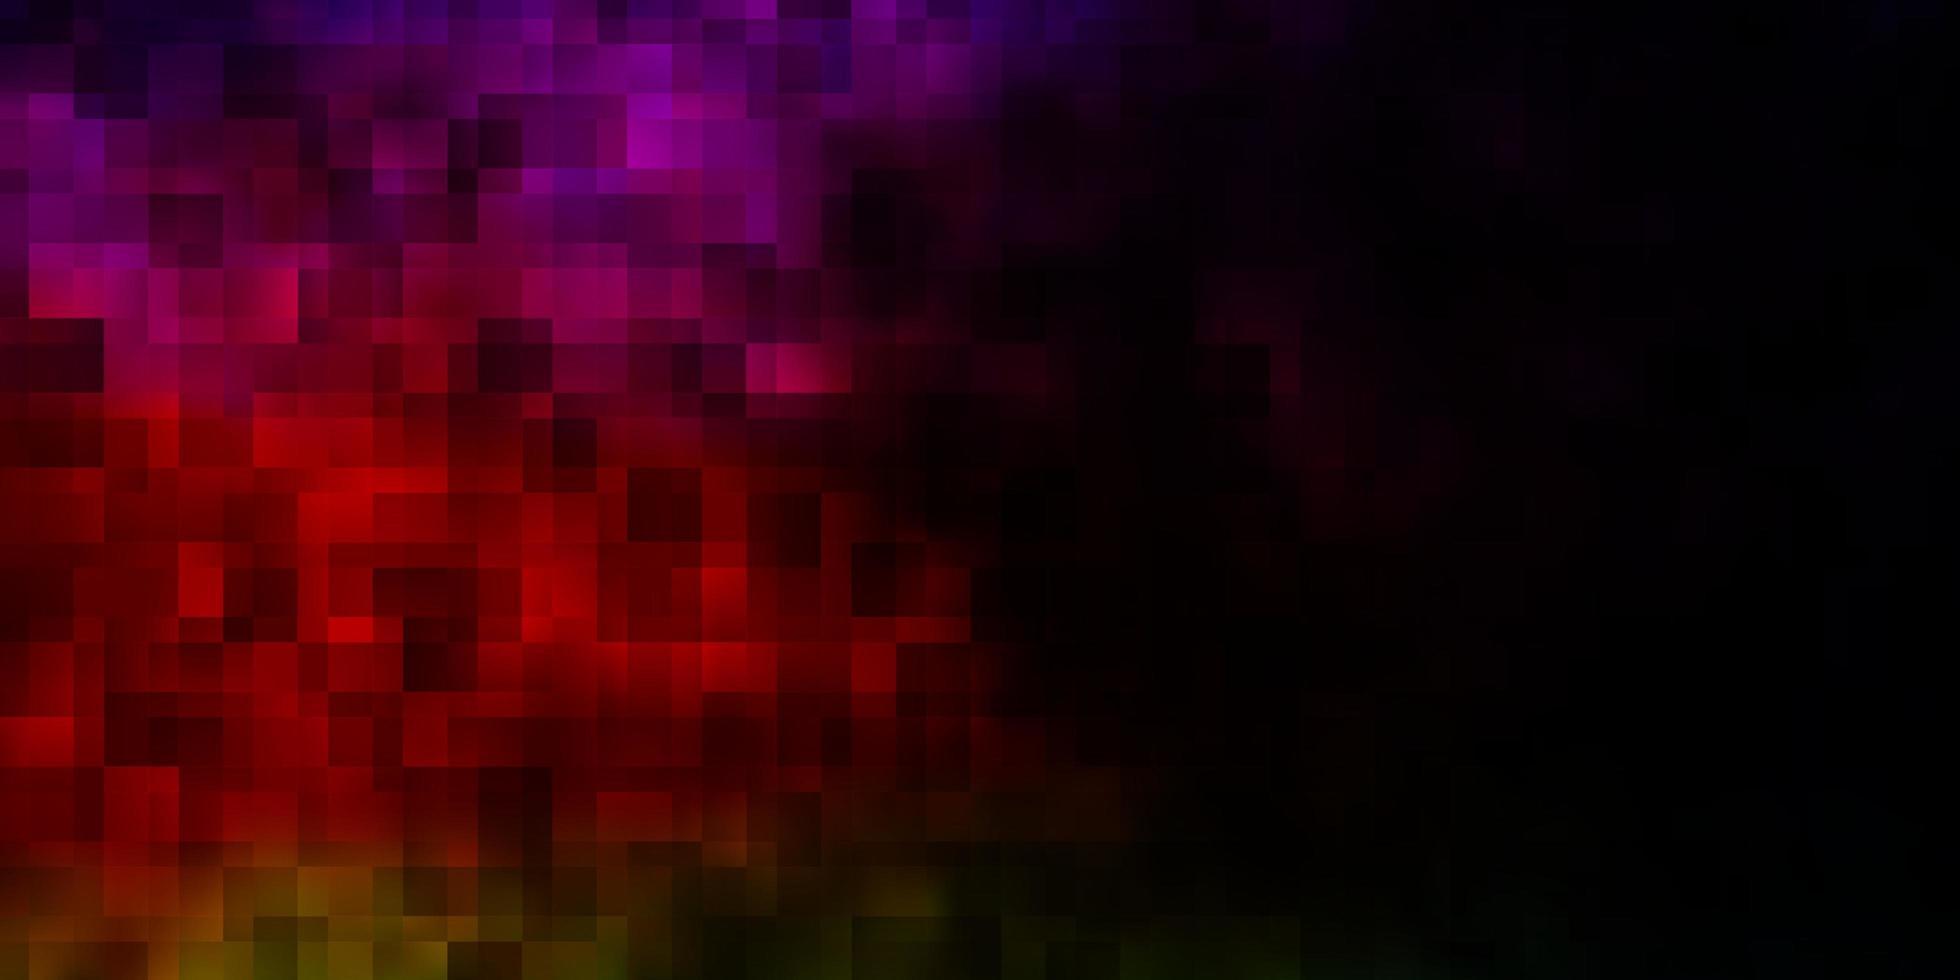 diseño de vector multicolor oscuro con líneas, rectángulos.